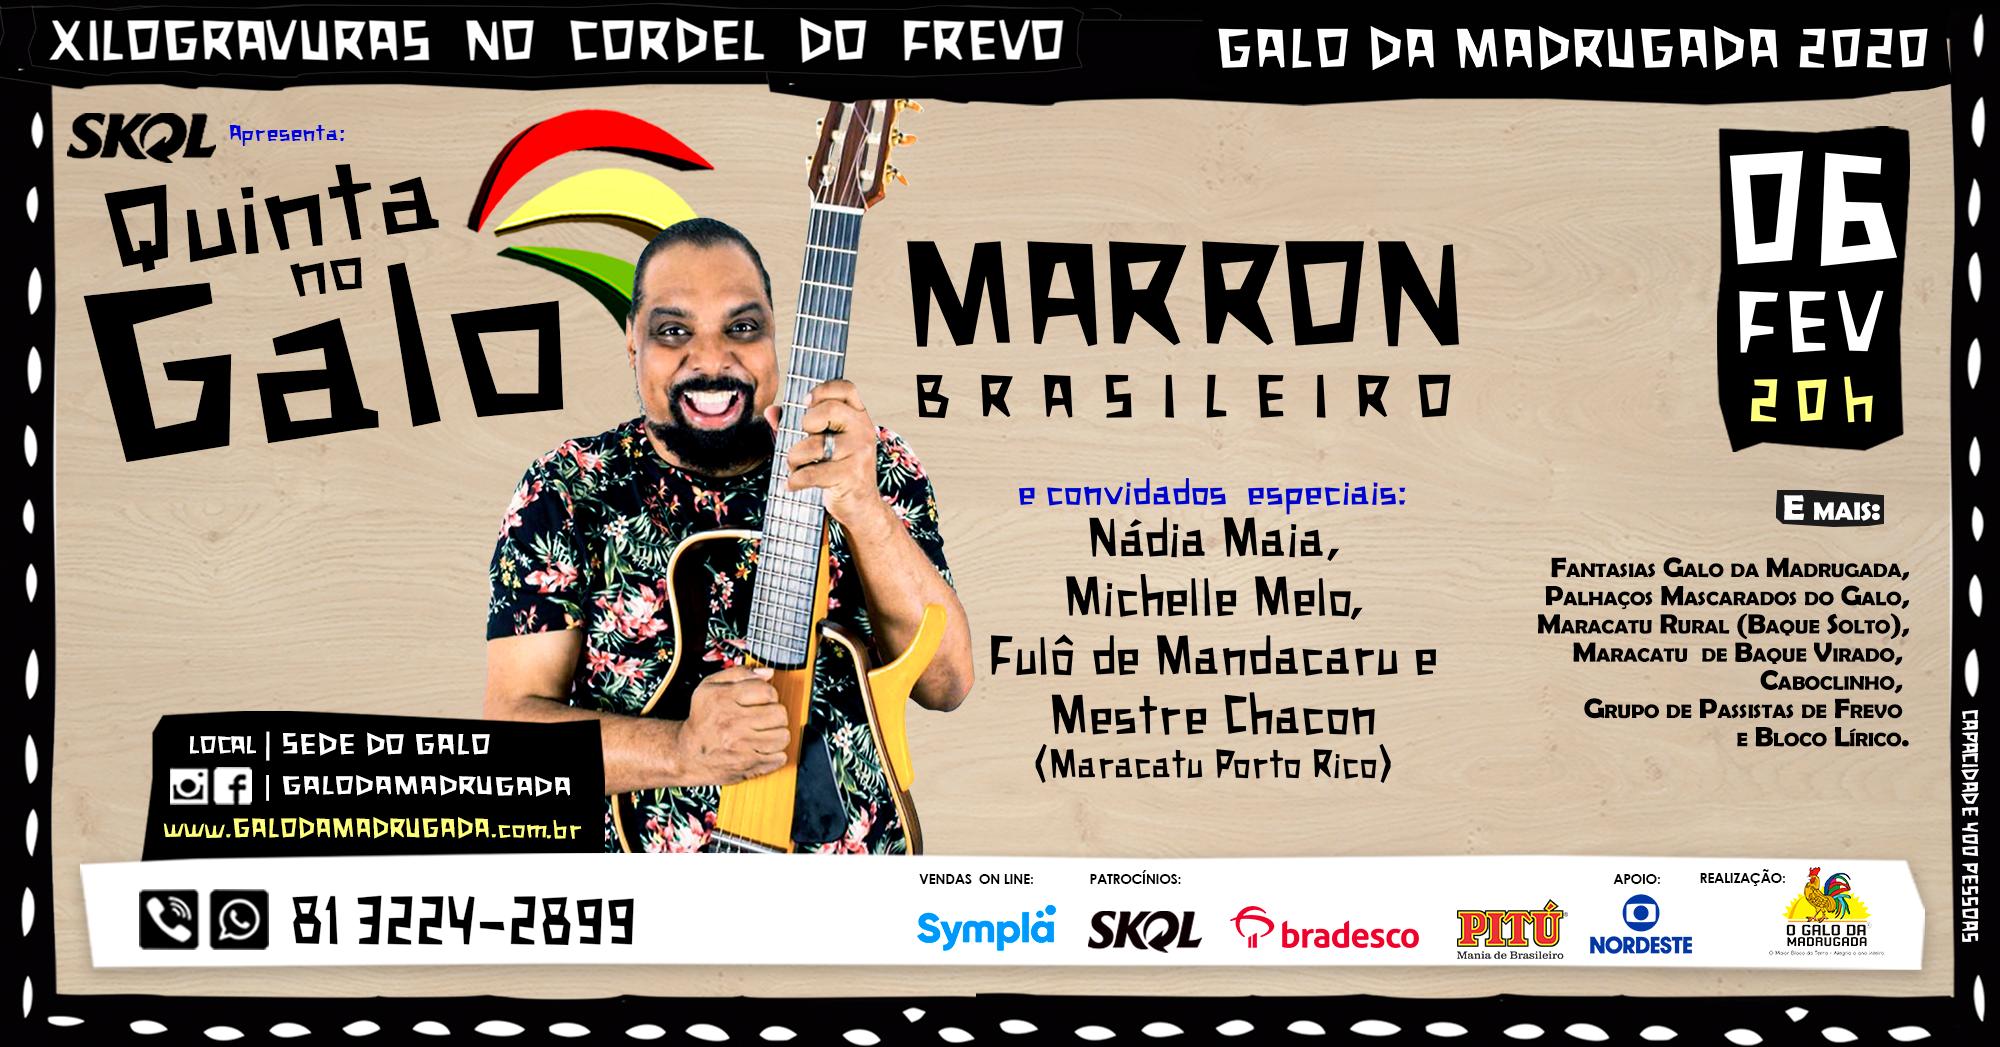 Quinta no Galo – Marron Brasileiro e Convidados